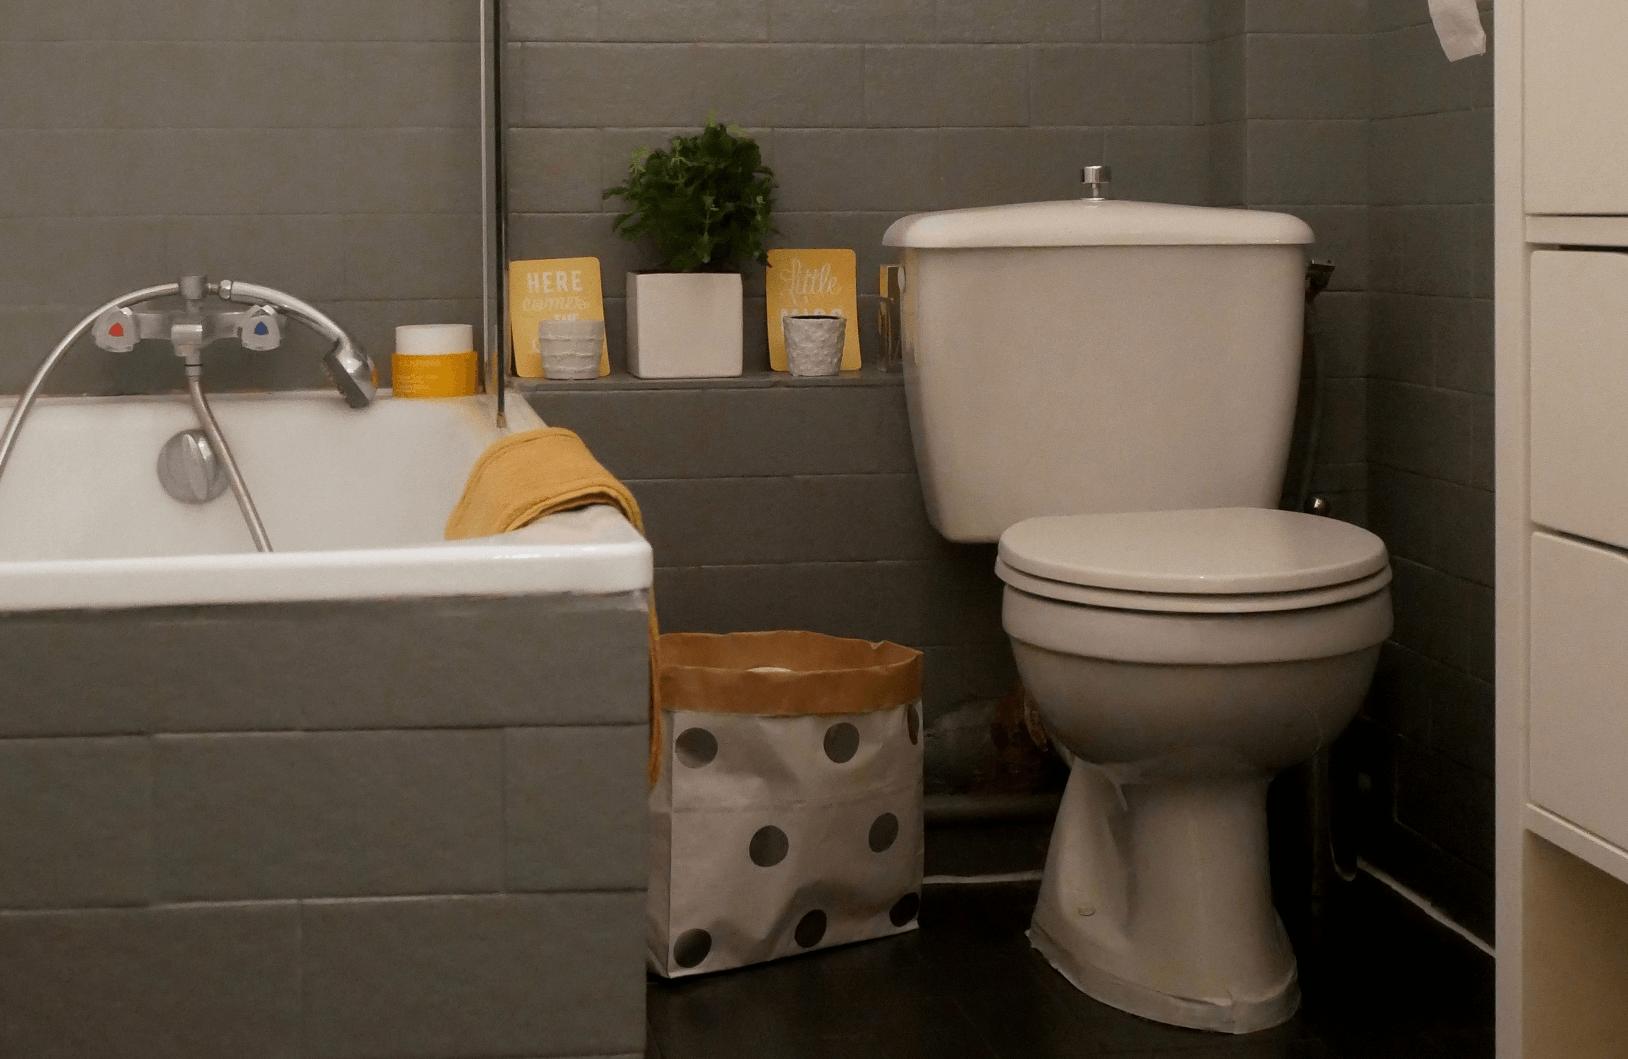 Deco Salle De Bain Avant Apres avant-après : comment une salle de bain a changé de look en